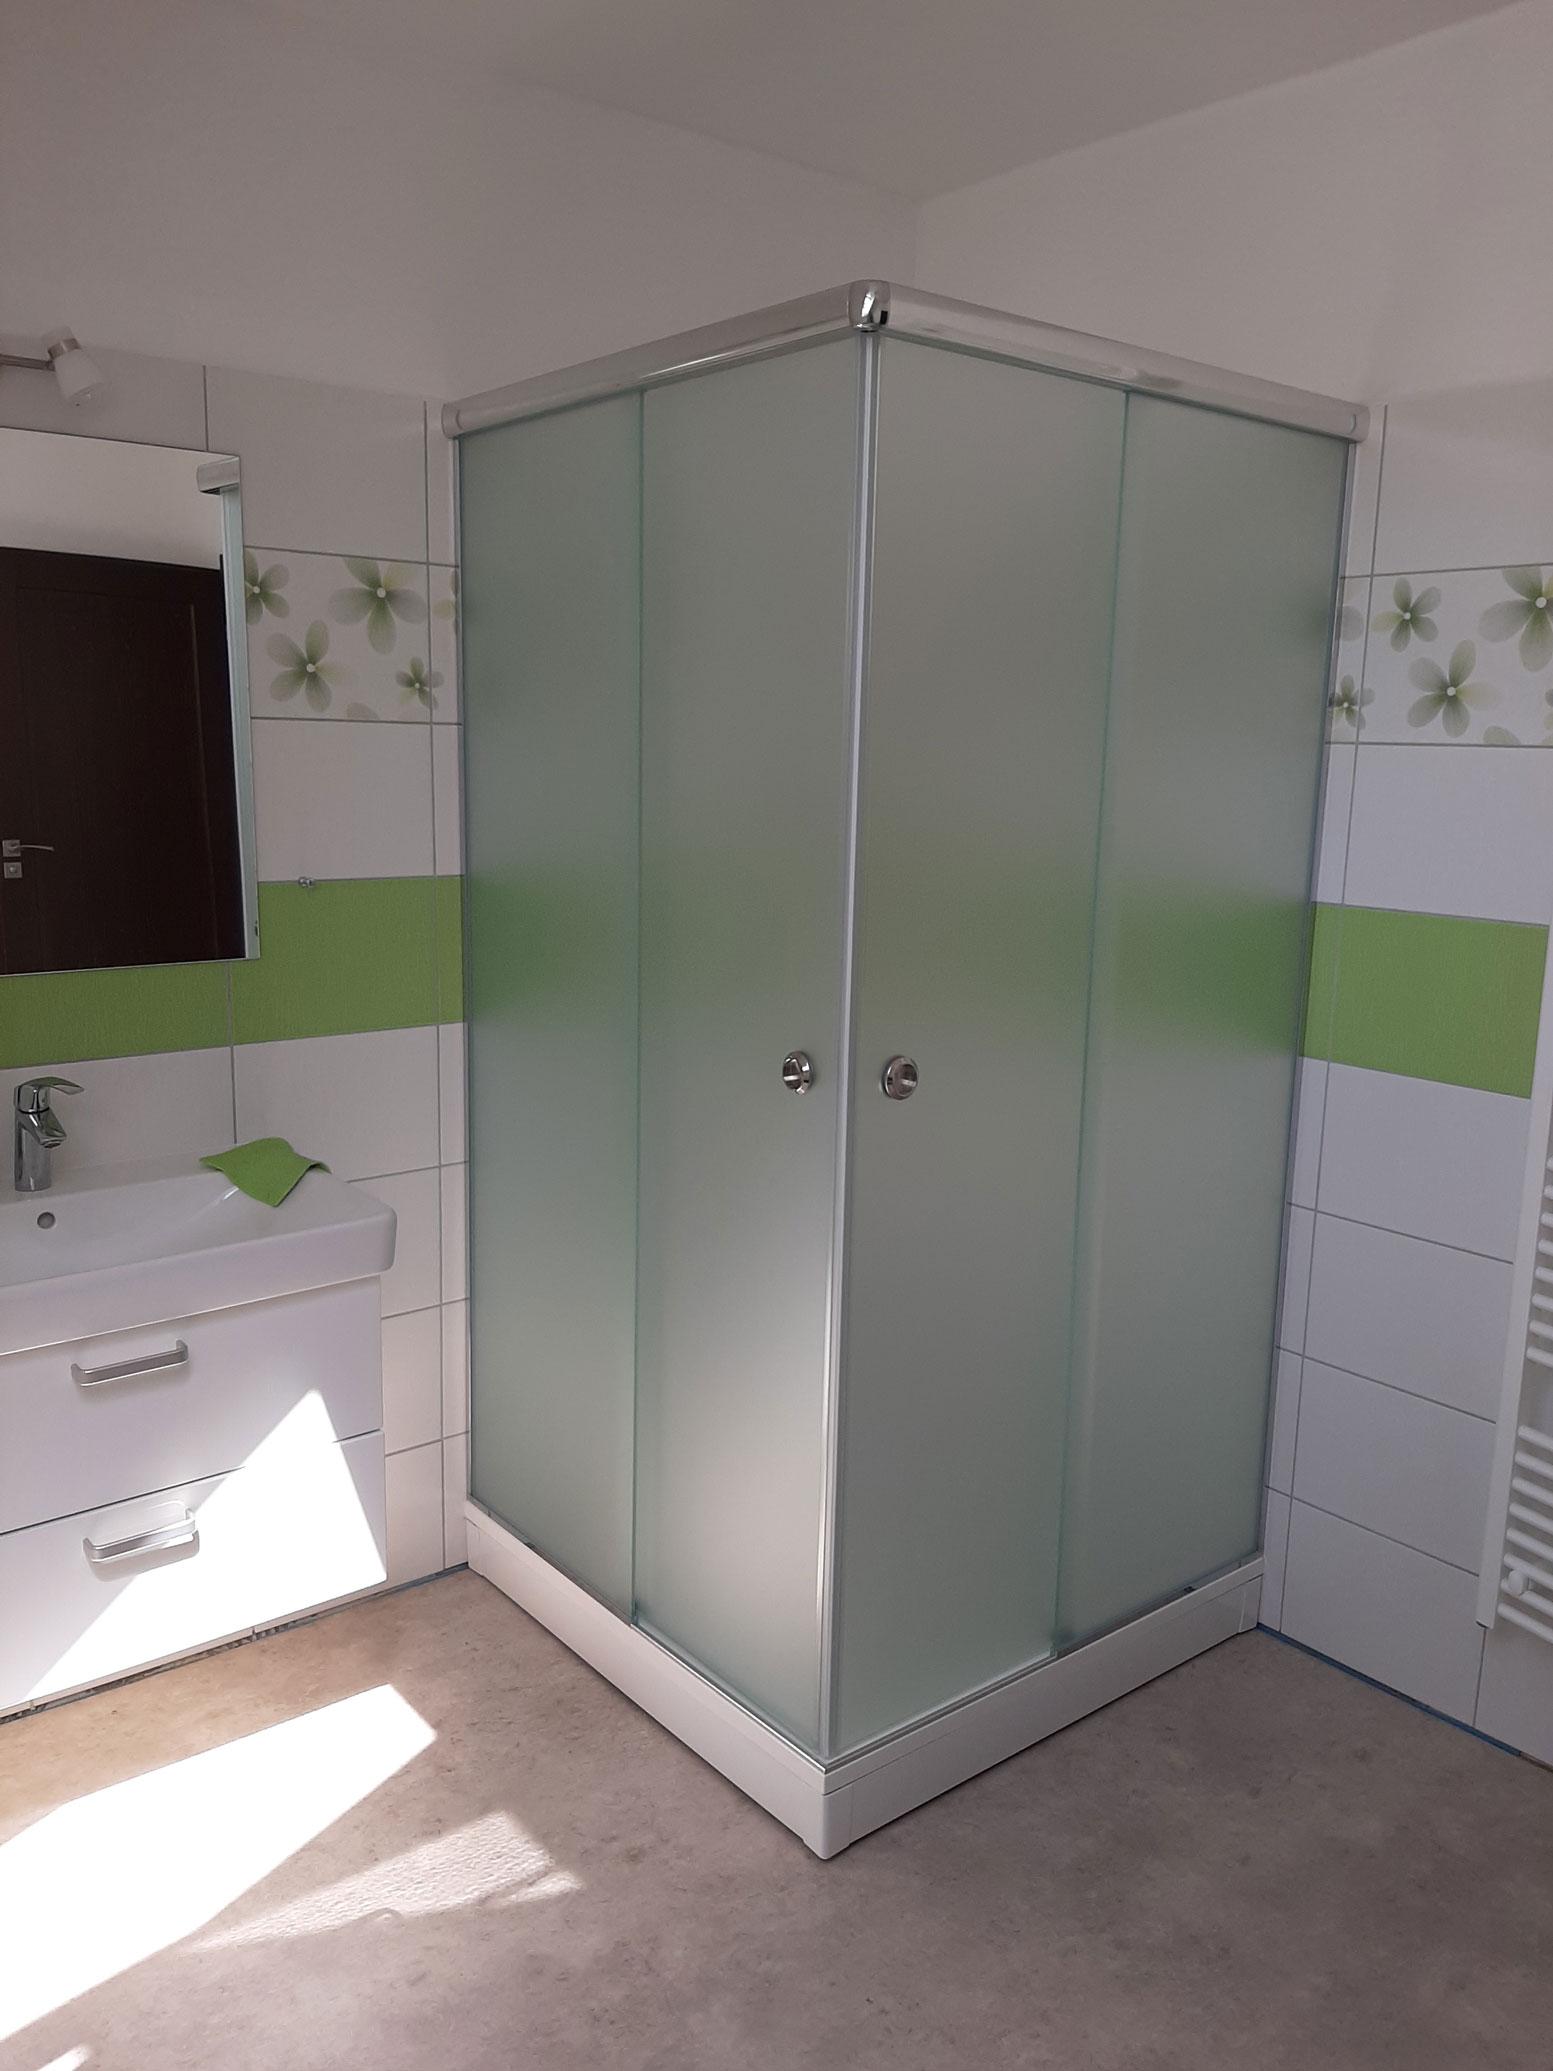 Sklenarstvi-Prerost-sprchove- kouty-a-sprchy (7)